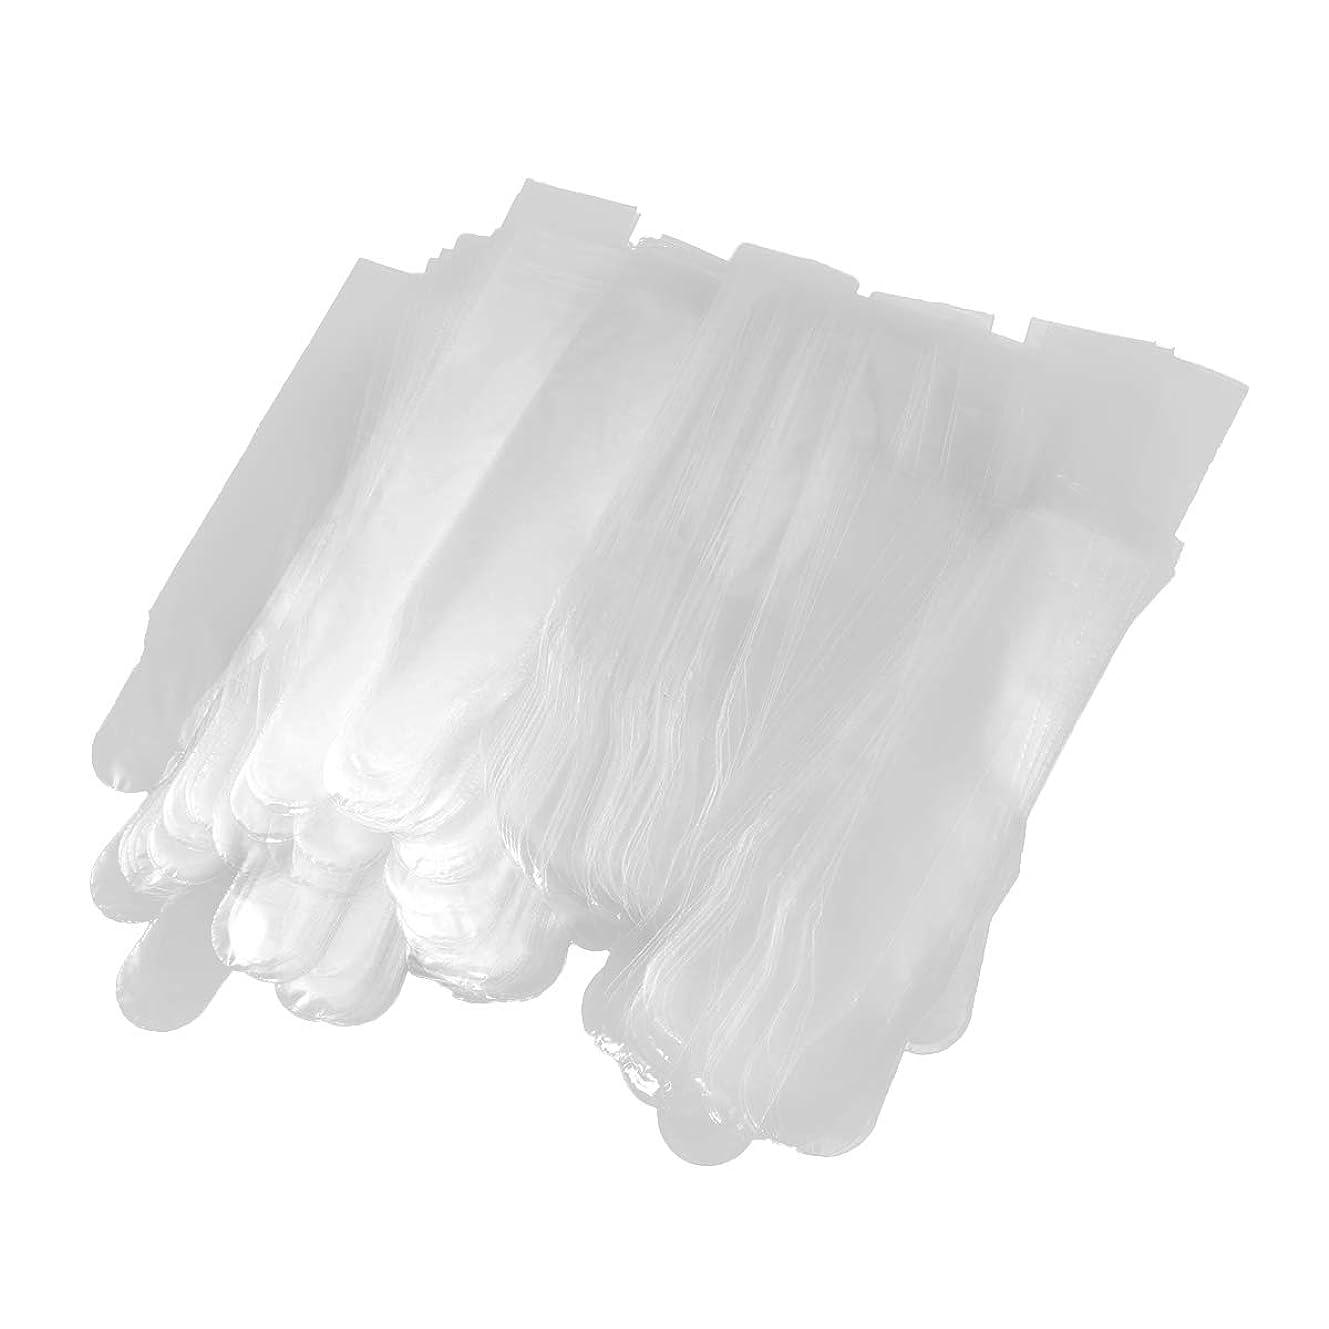 唇パイプライン一口Healifty 500ピース歯科カメラシースカバー使い捨て口腔内カメラスリーブ歯科材料